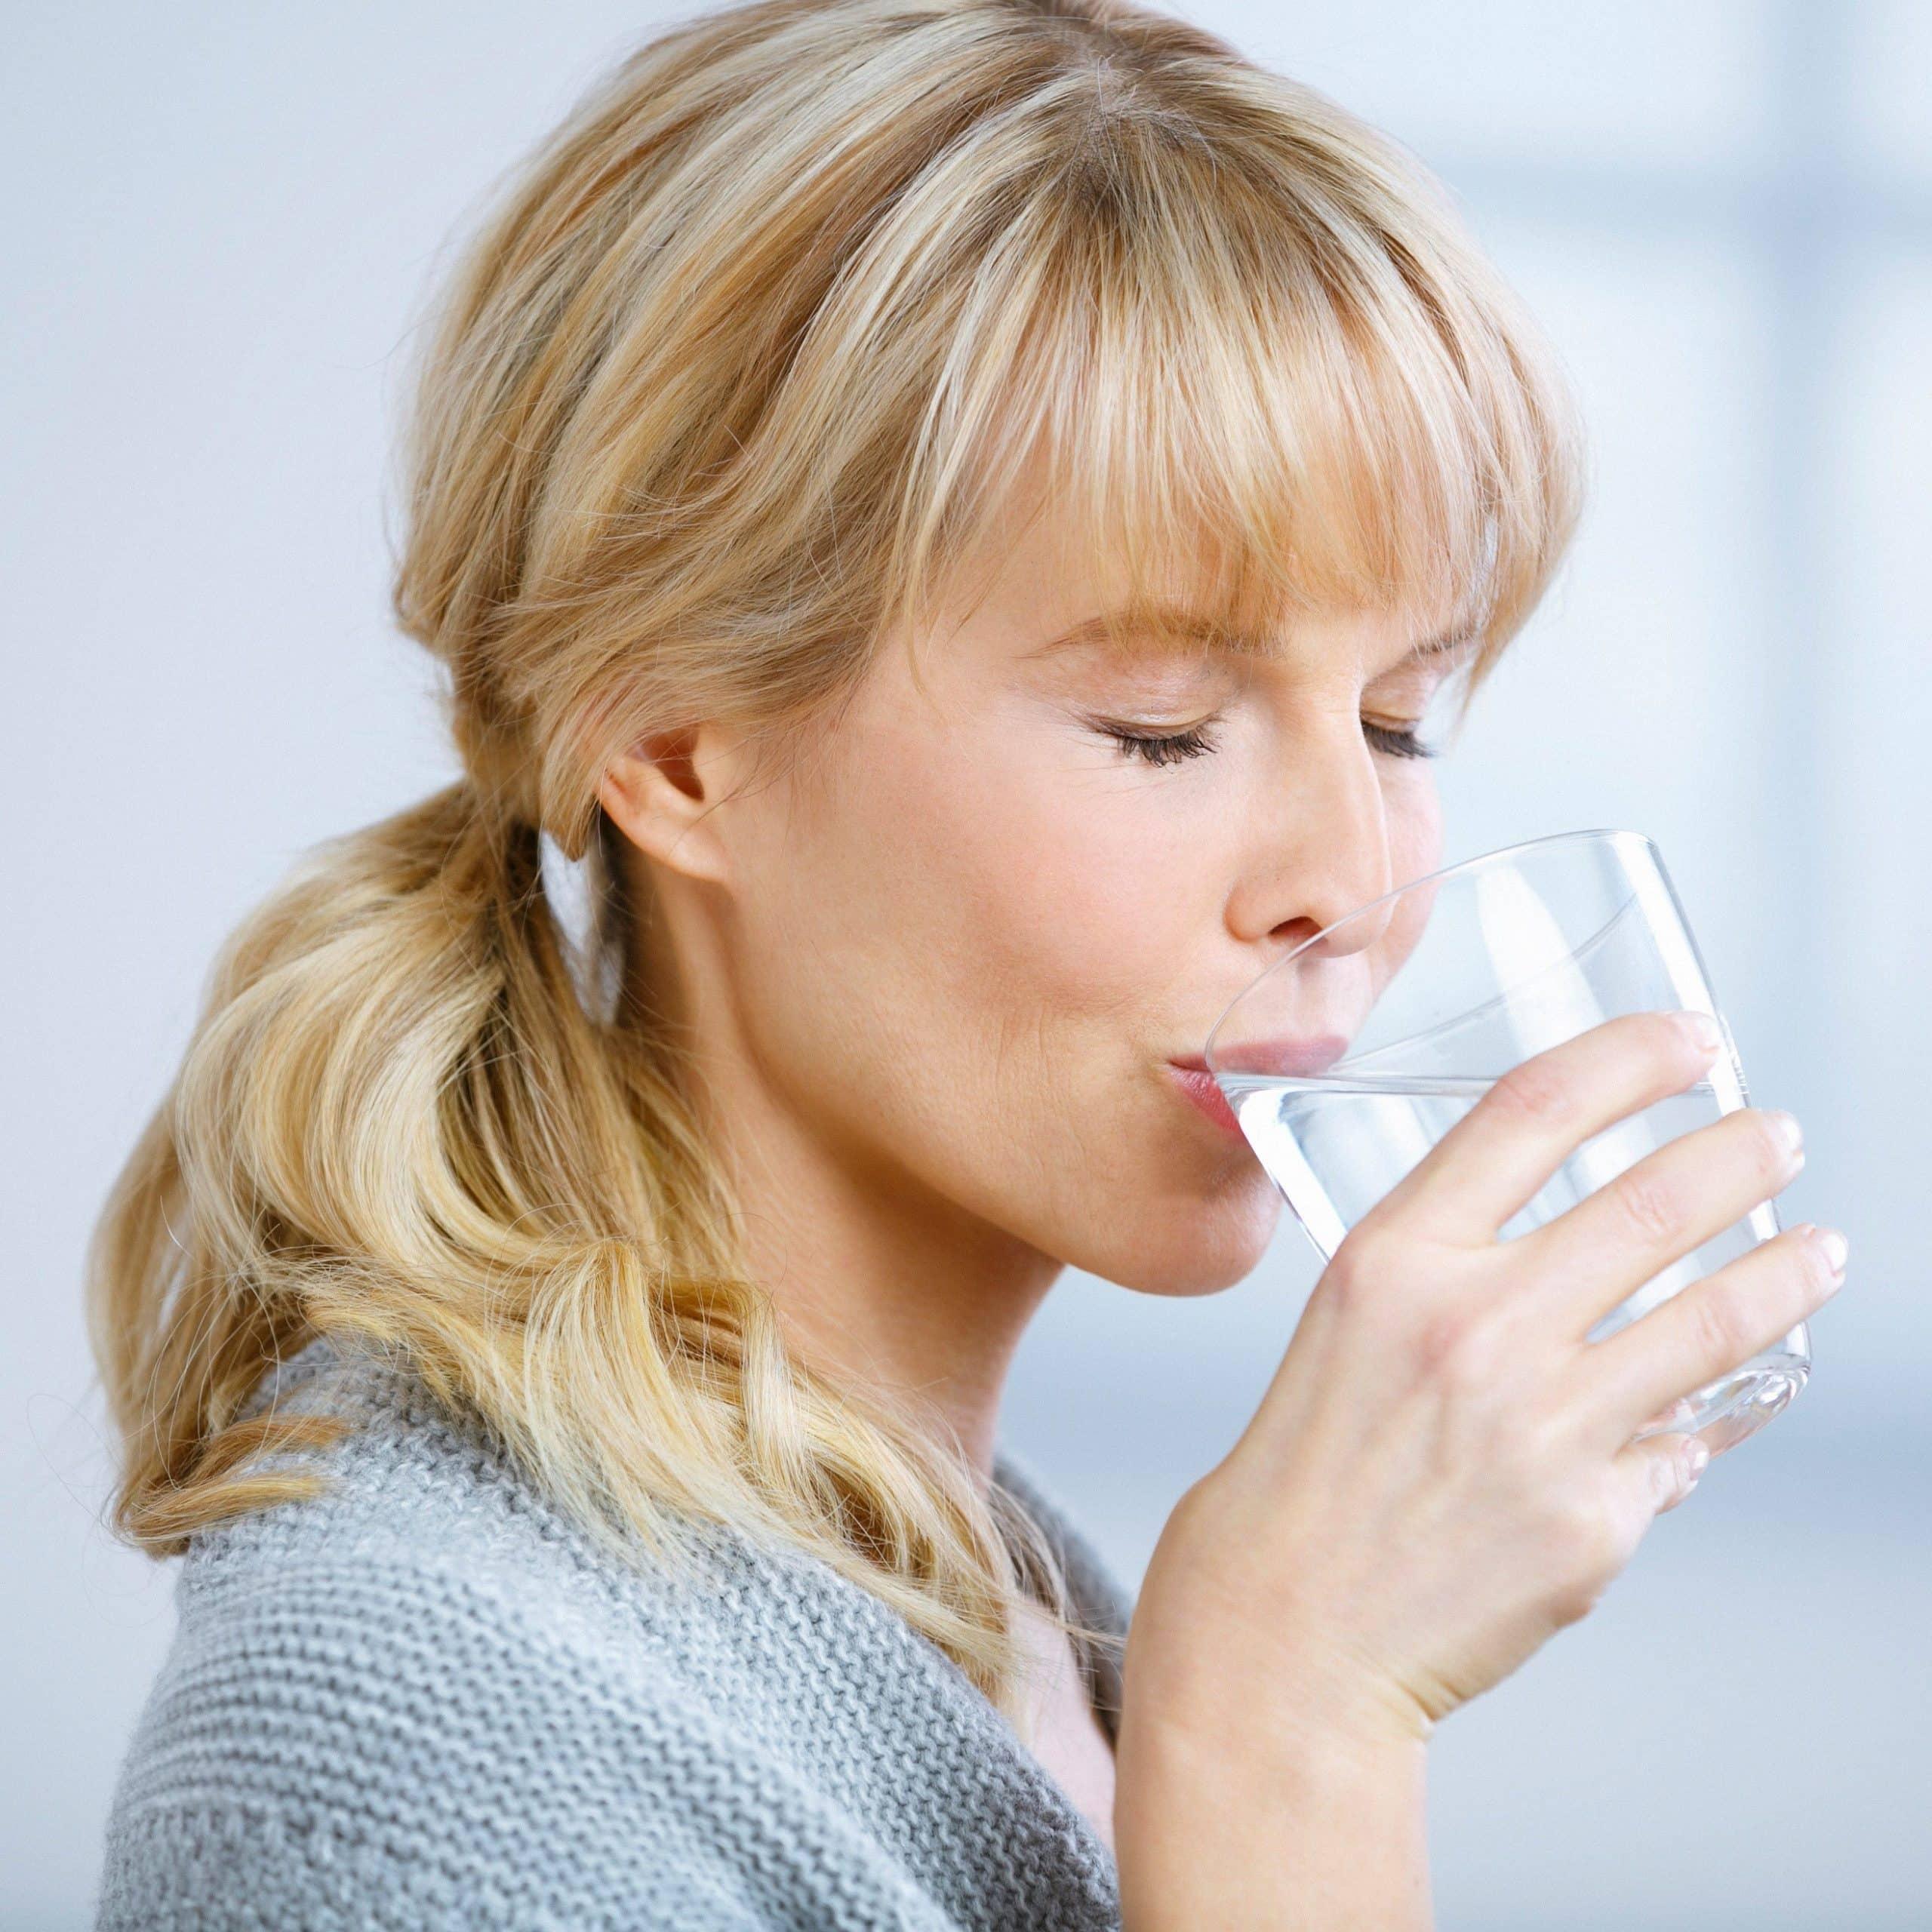 Wasser ist nicht nur erforderlich für die Aufrechterhaltung des Flüssigkeitshaushaltes, sondern auch wertvoll als Nährstofflieferant.